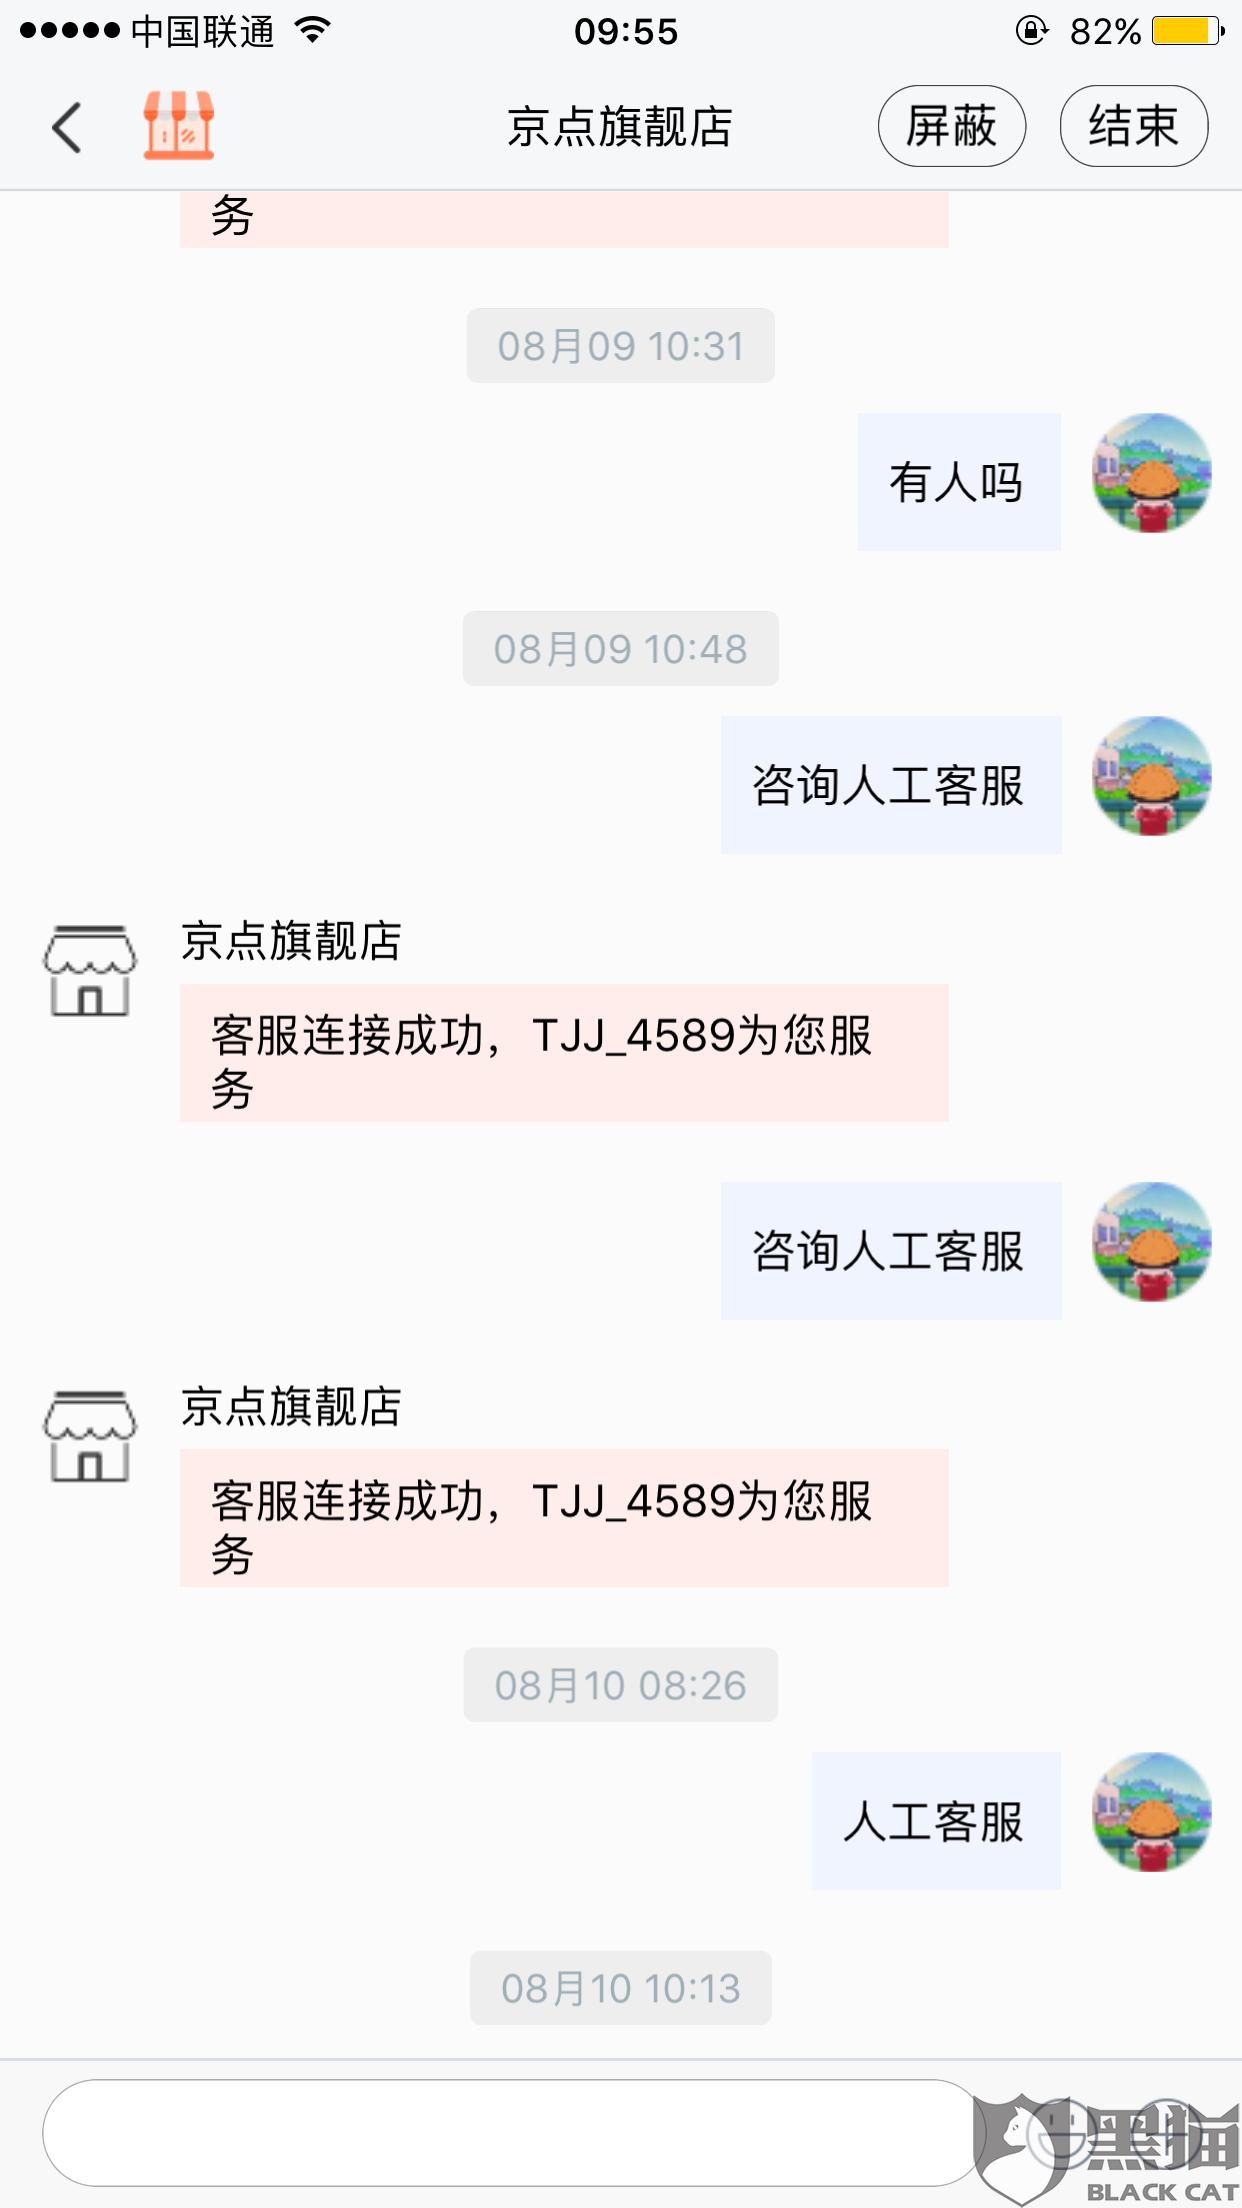 黑猫投诉:京点旗舰店漏发配件,不予处理,客服无回应